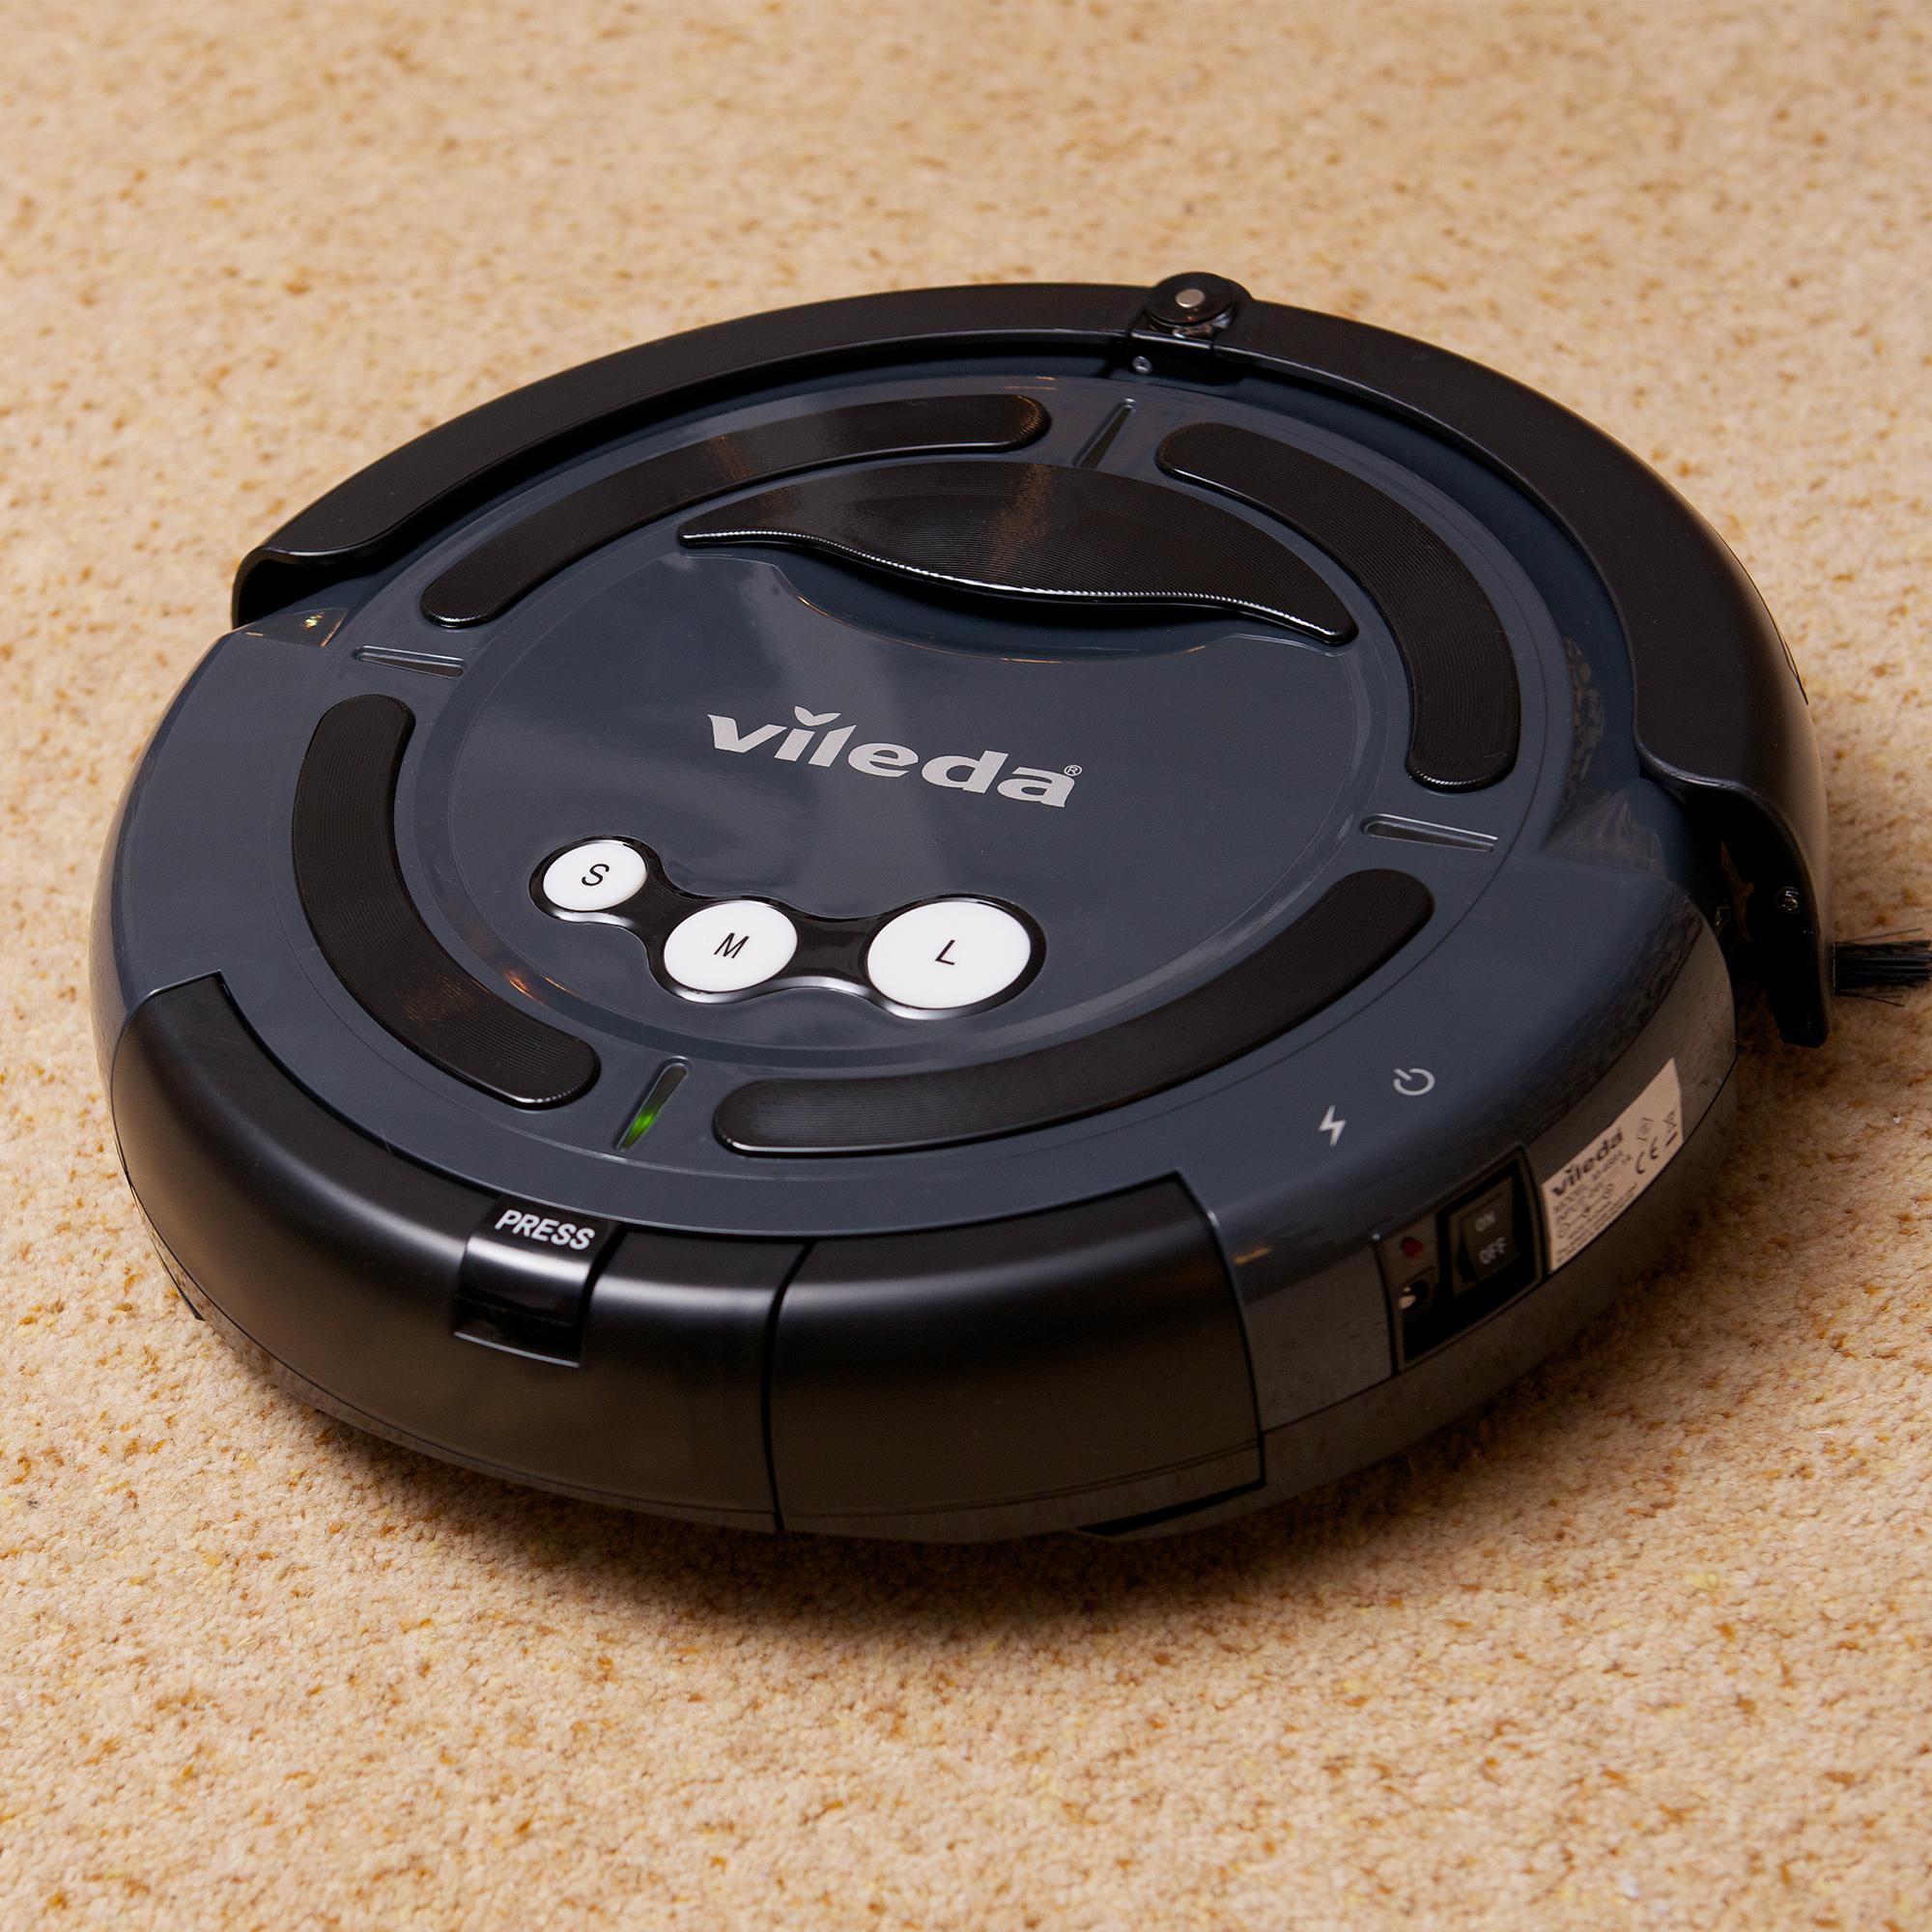 vileda cleaning robot ebay. Black Bedroom Furniture Sets. Home Design Ideas